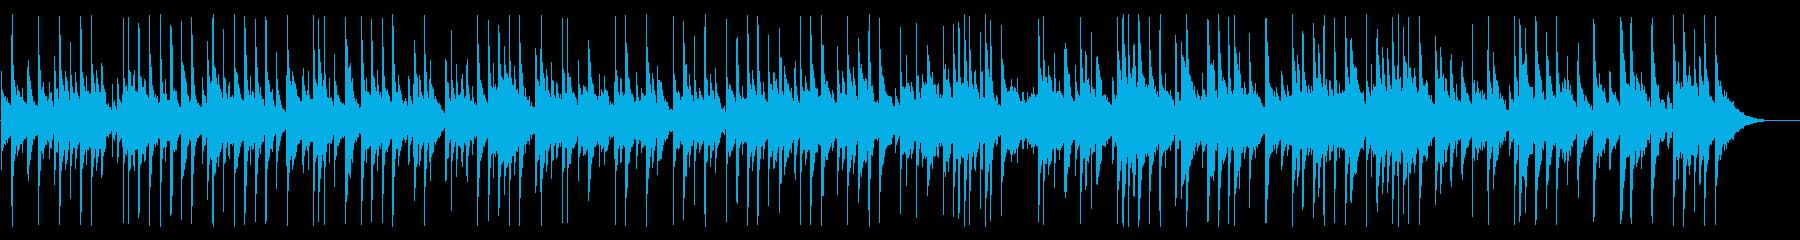 ✡不思議な話に合いそうな✡オルゴール★Dの再生済みの波形